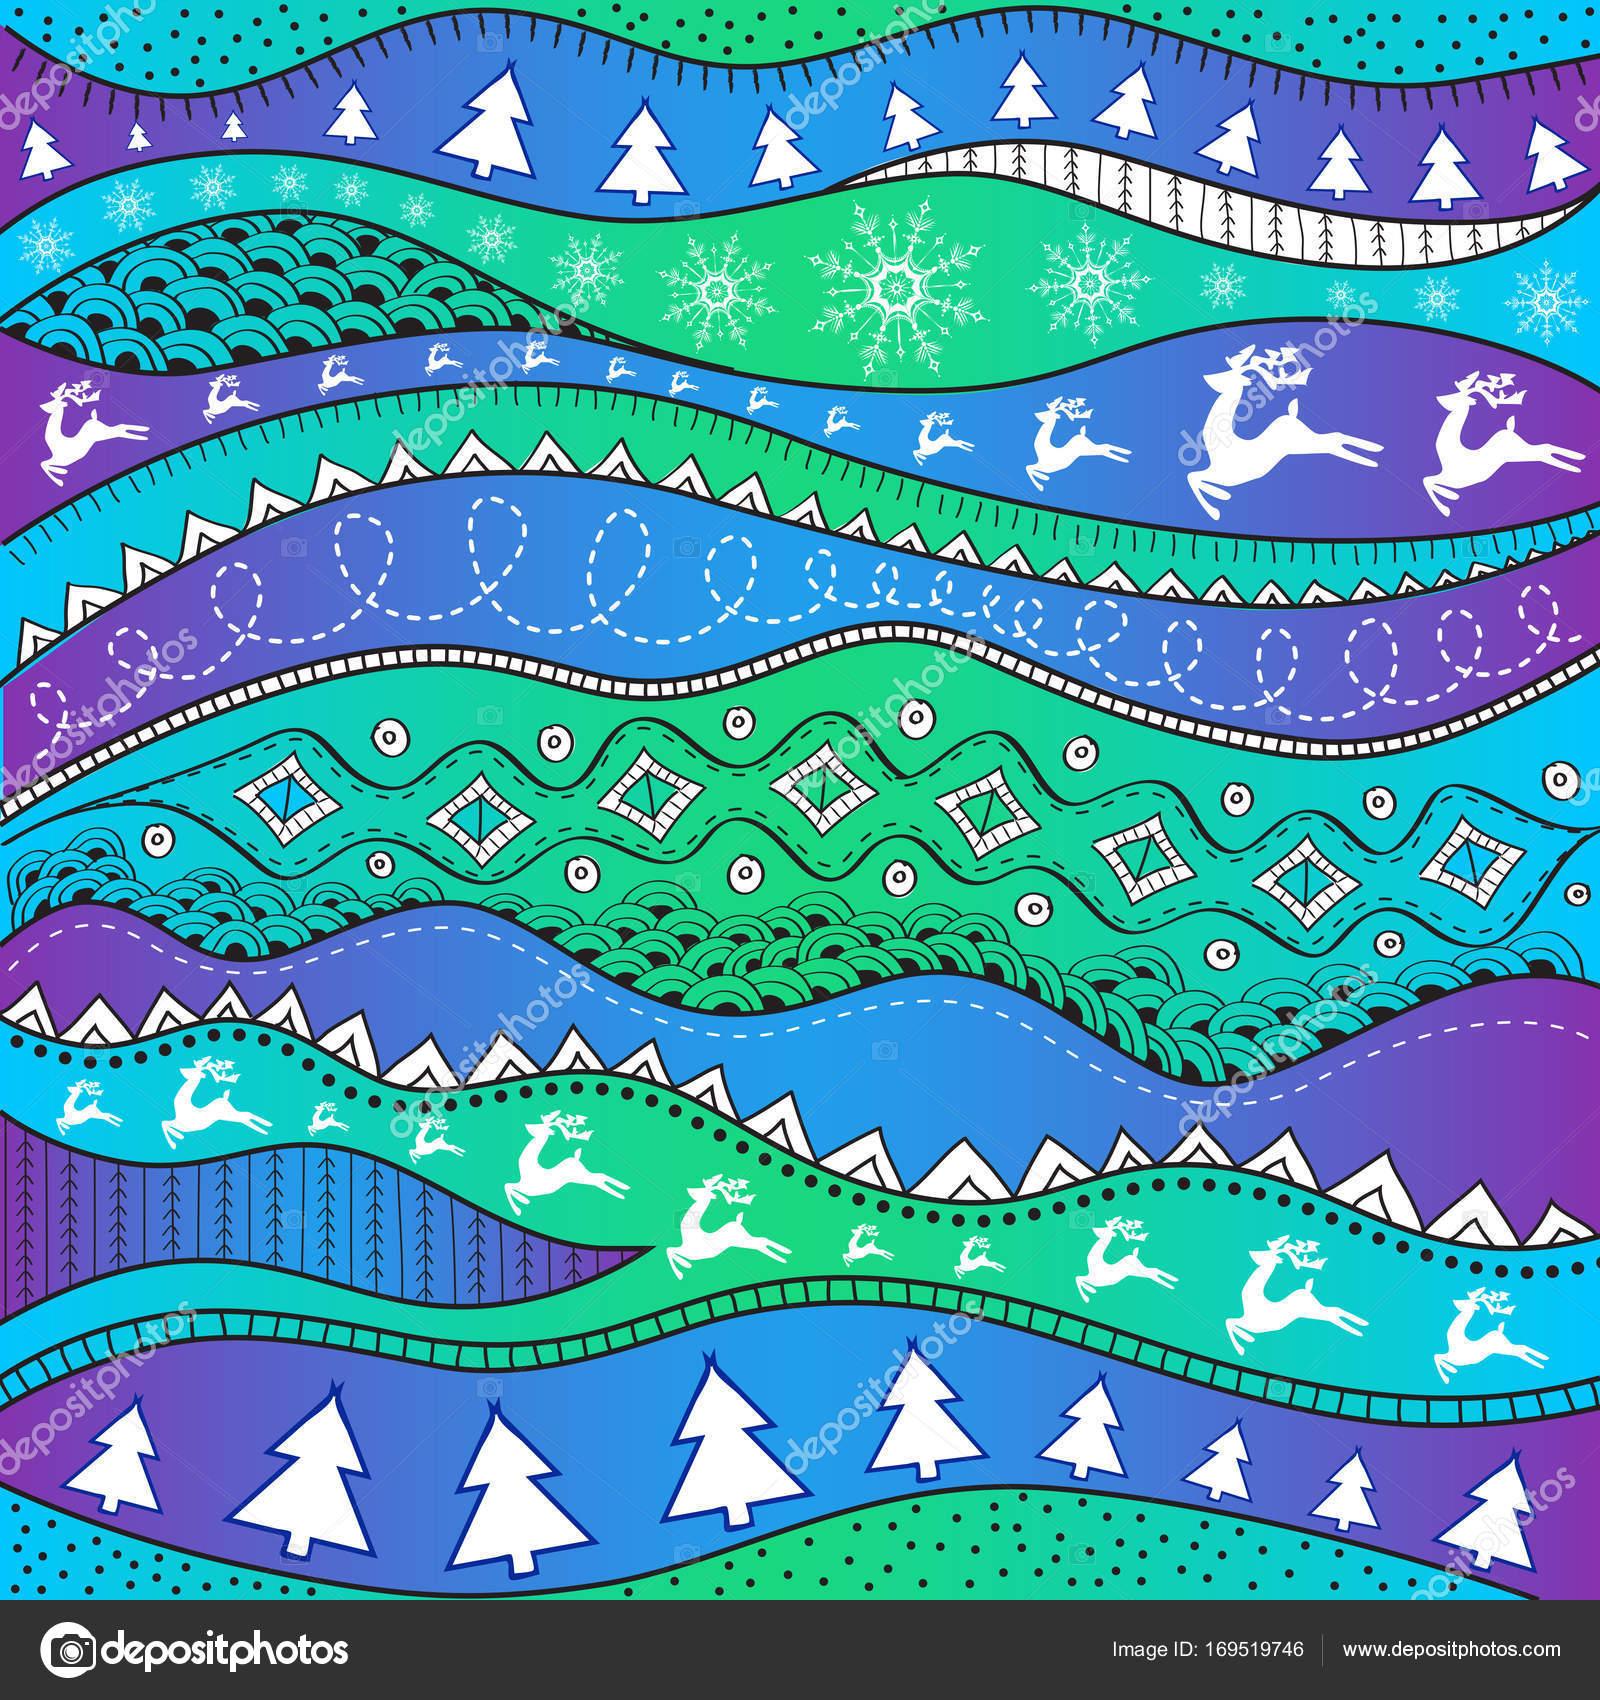 Hintergrundbilder Frohe Weihnachten.Weihnachten Handgemalte Ethno Muster Stammes Hintergrund